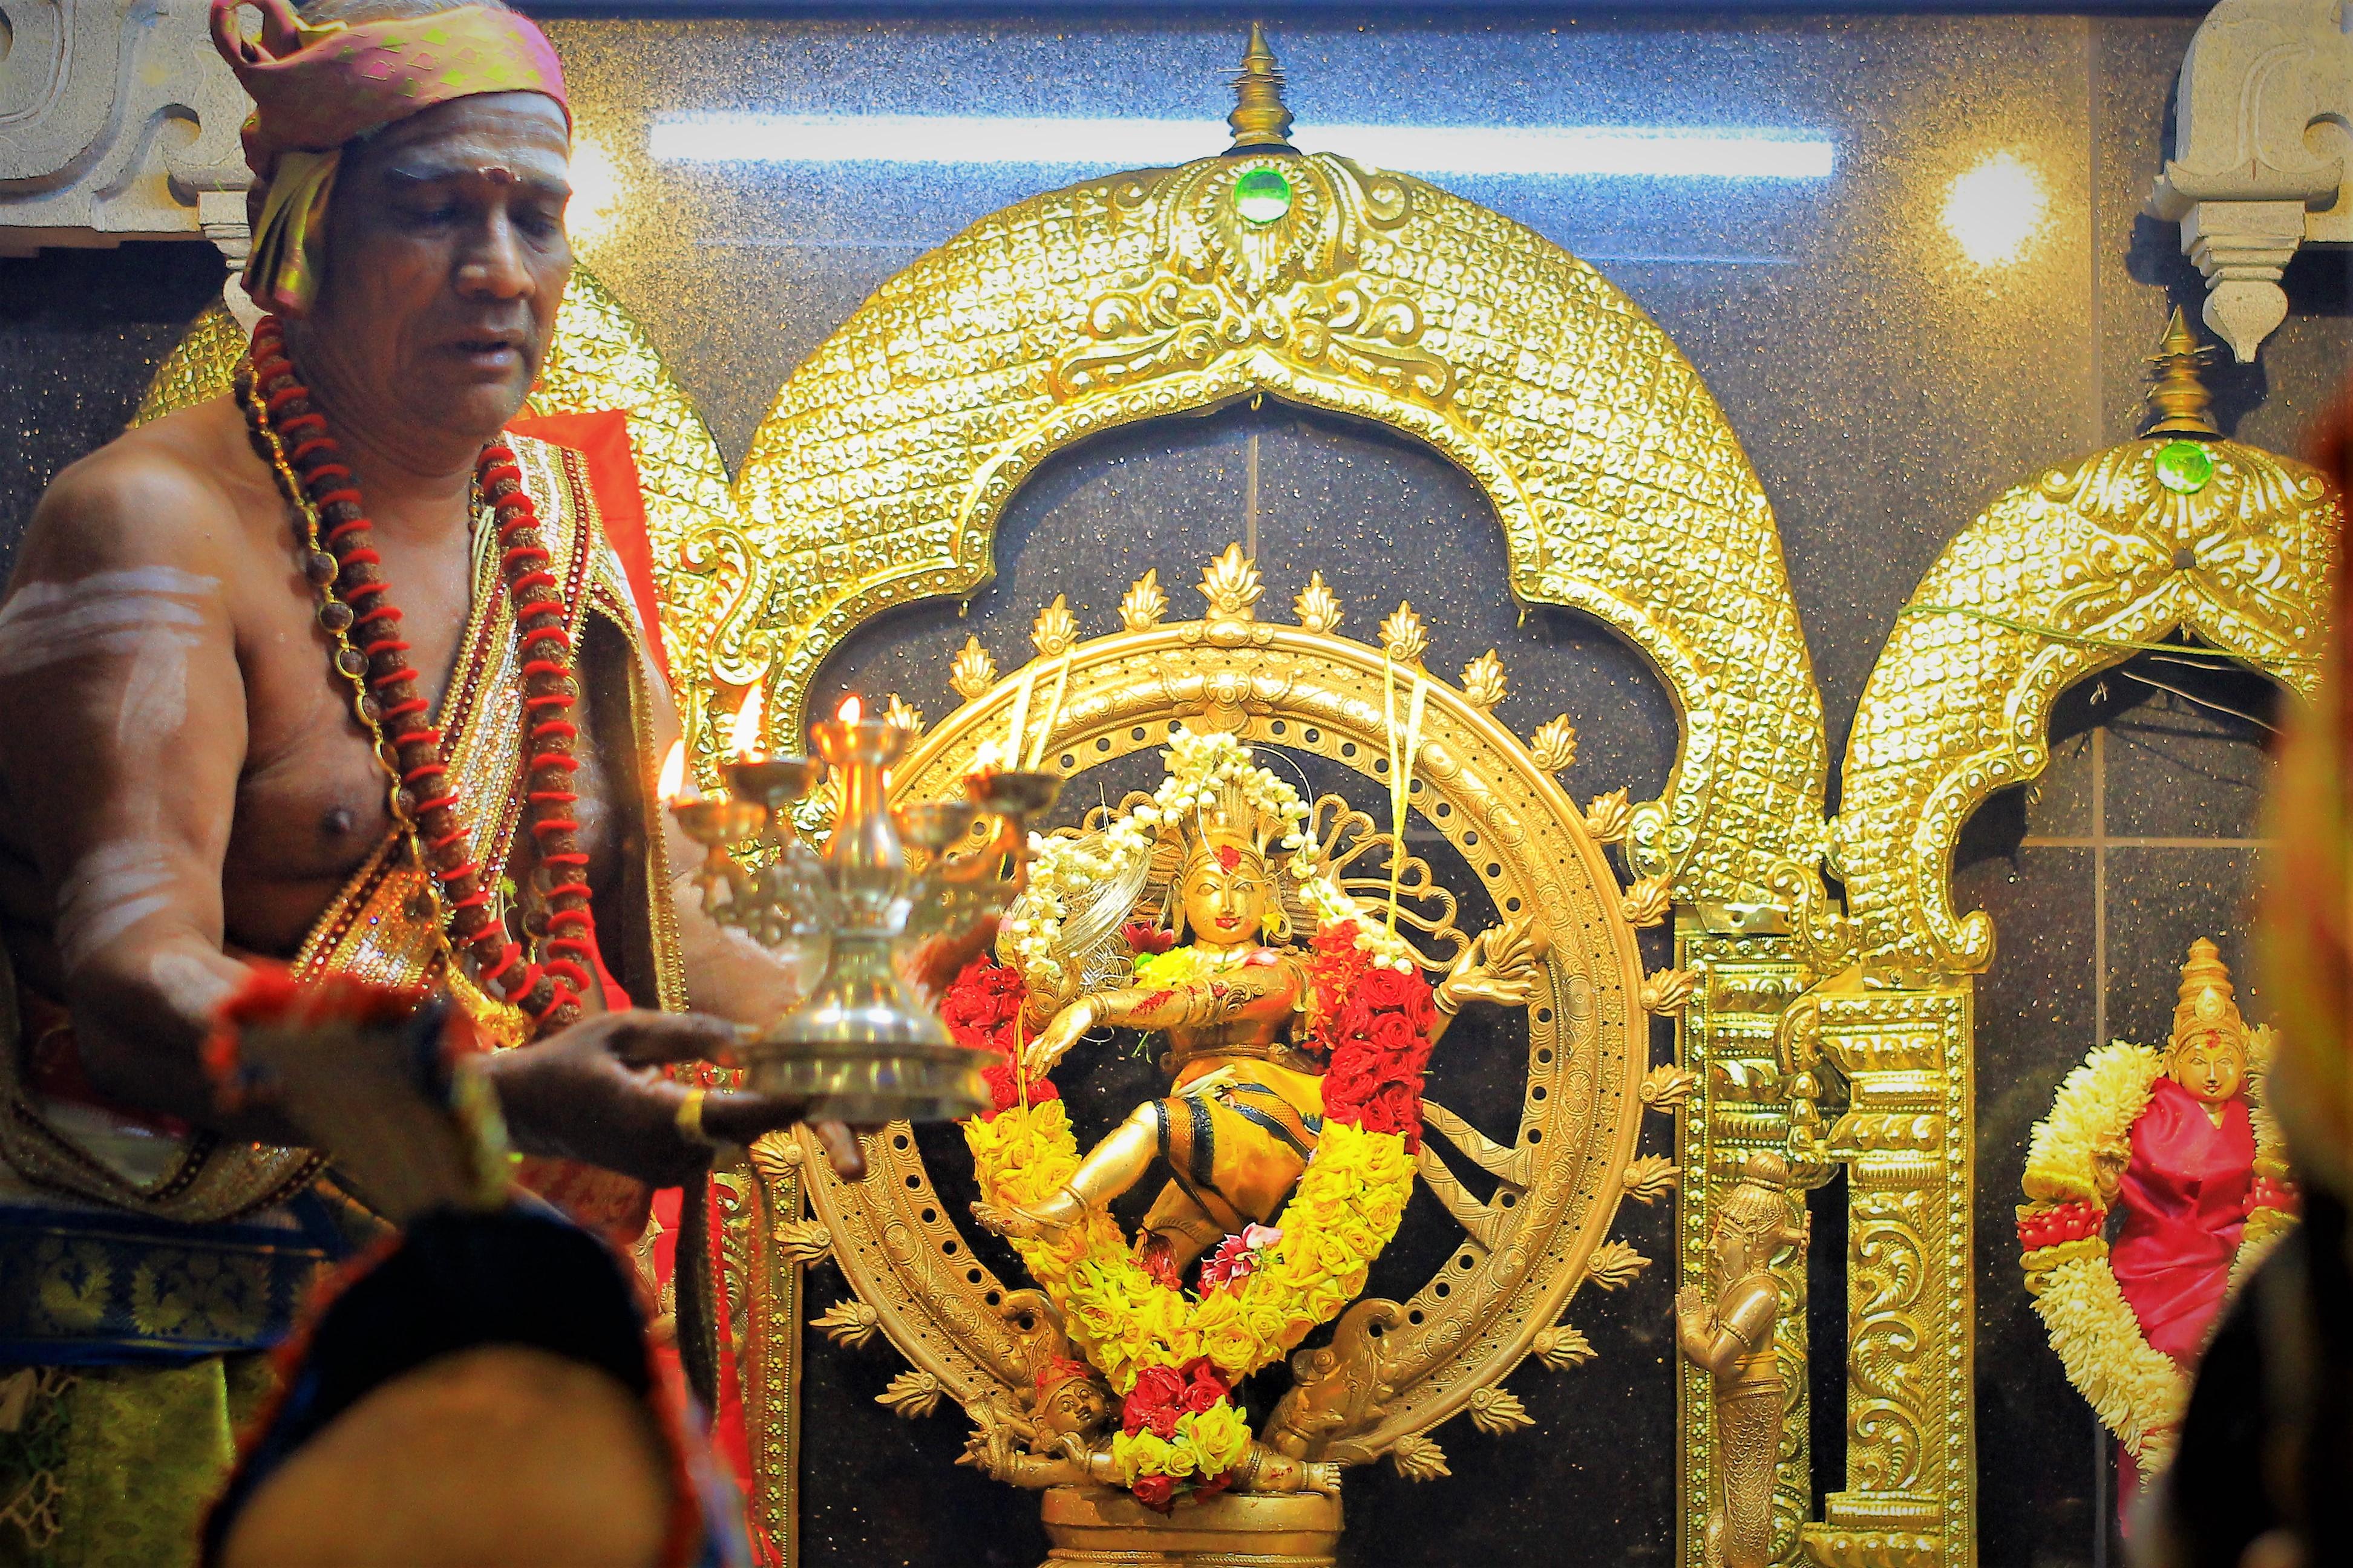 சிதம்பரேஸ்வரர் ஆலைய கும்பாபிஷேகம் 10.02.19